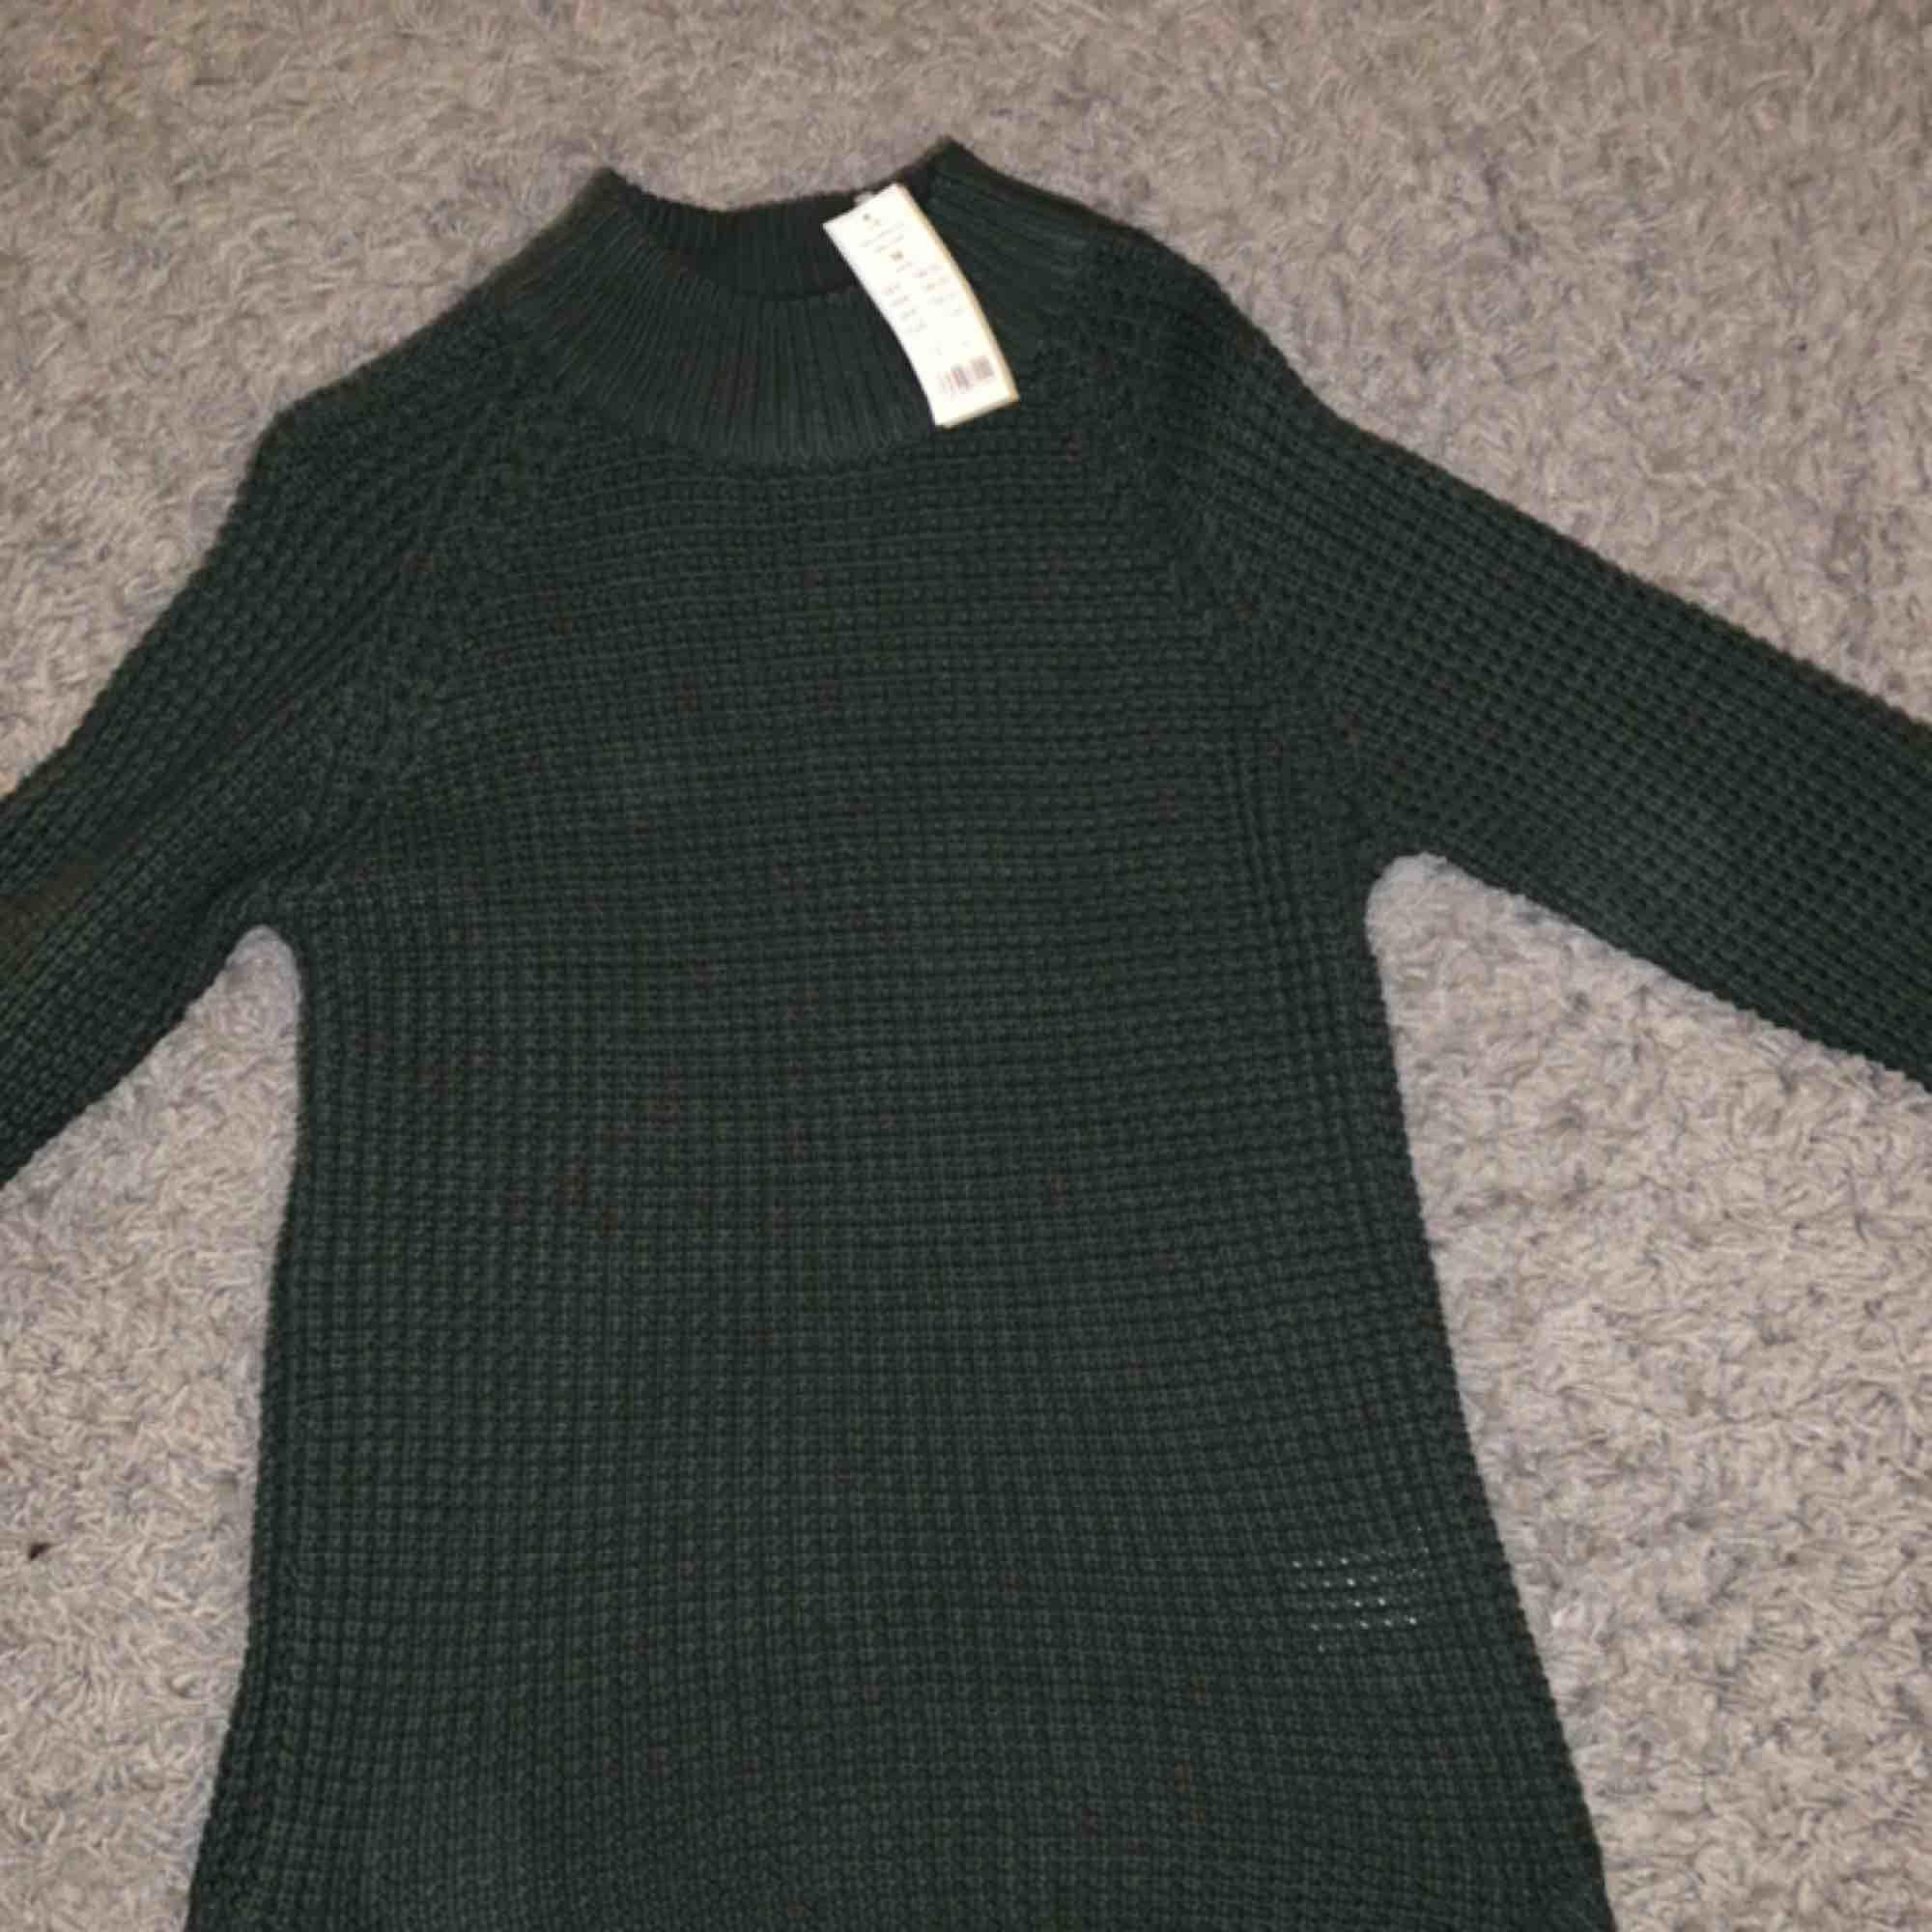 Längre grön stickad tröja från GinaTricot Aldrig använd-lapparna kvar Nypris 200kr  Köpare står för frakt, kan även mötas upp i stockholm. Tröjor & Koftor.